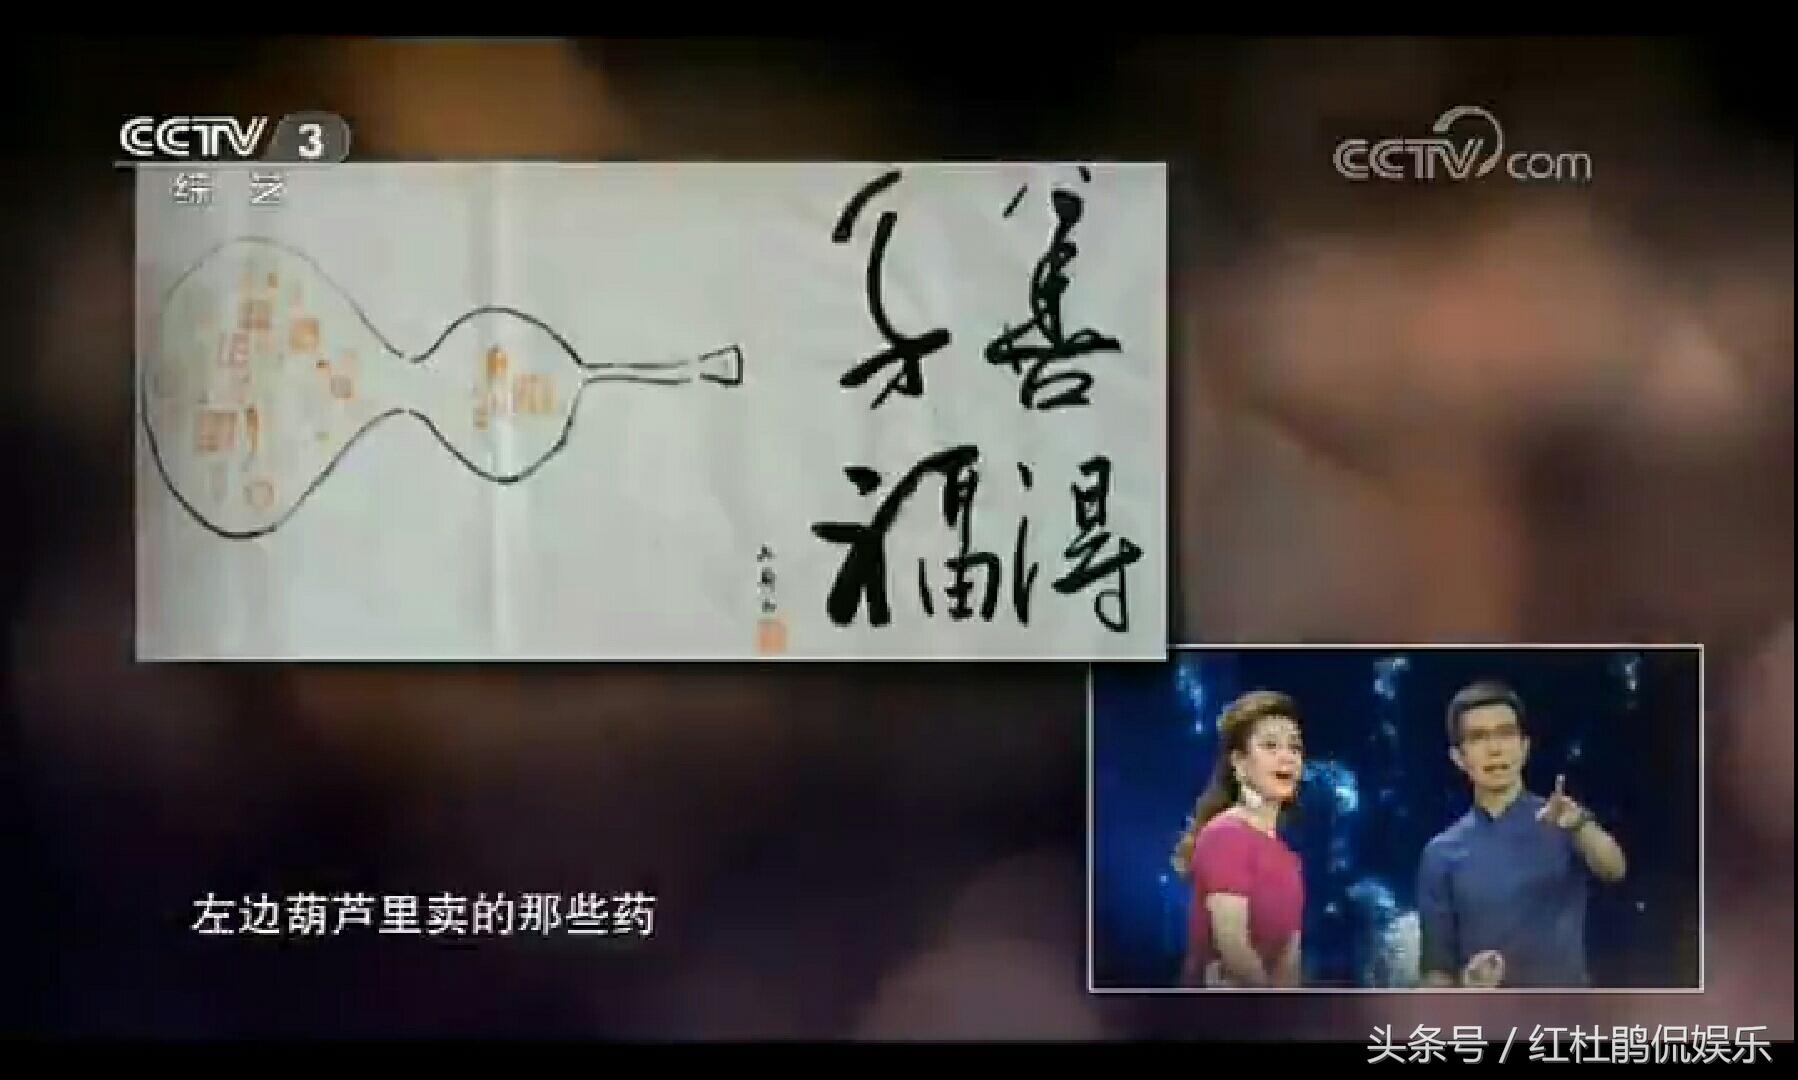 朱广权文静携手综艺首秀,全程高能放飞自我,张口段子笑到肚子疼